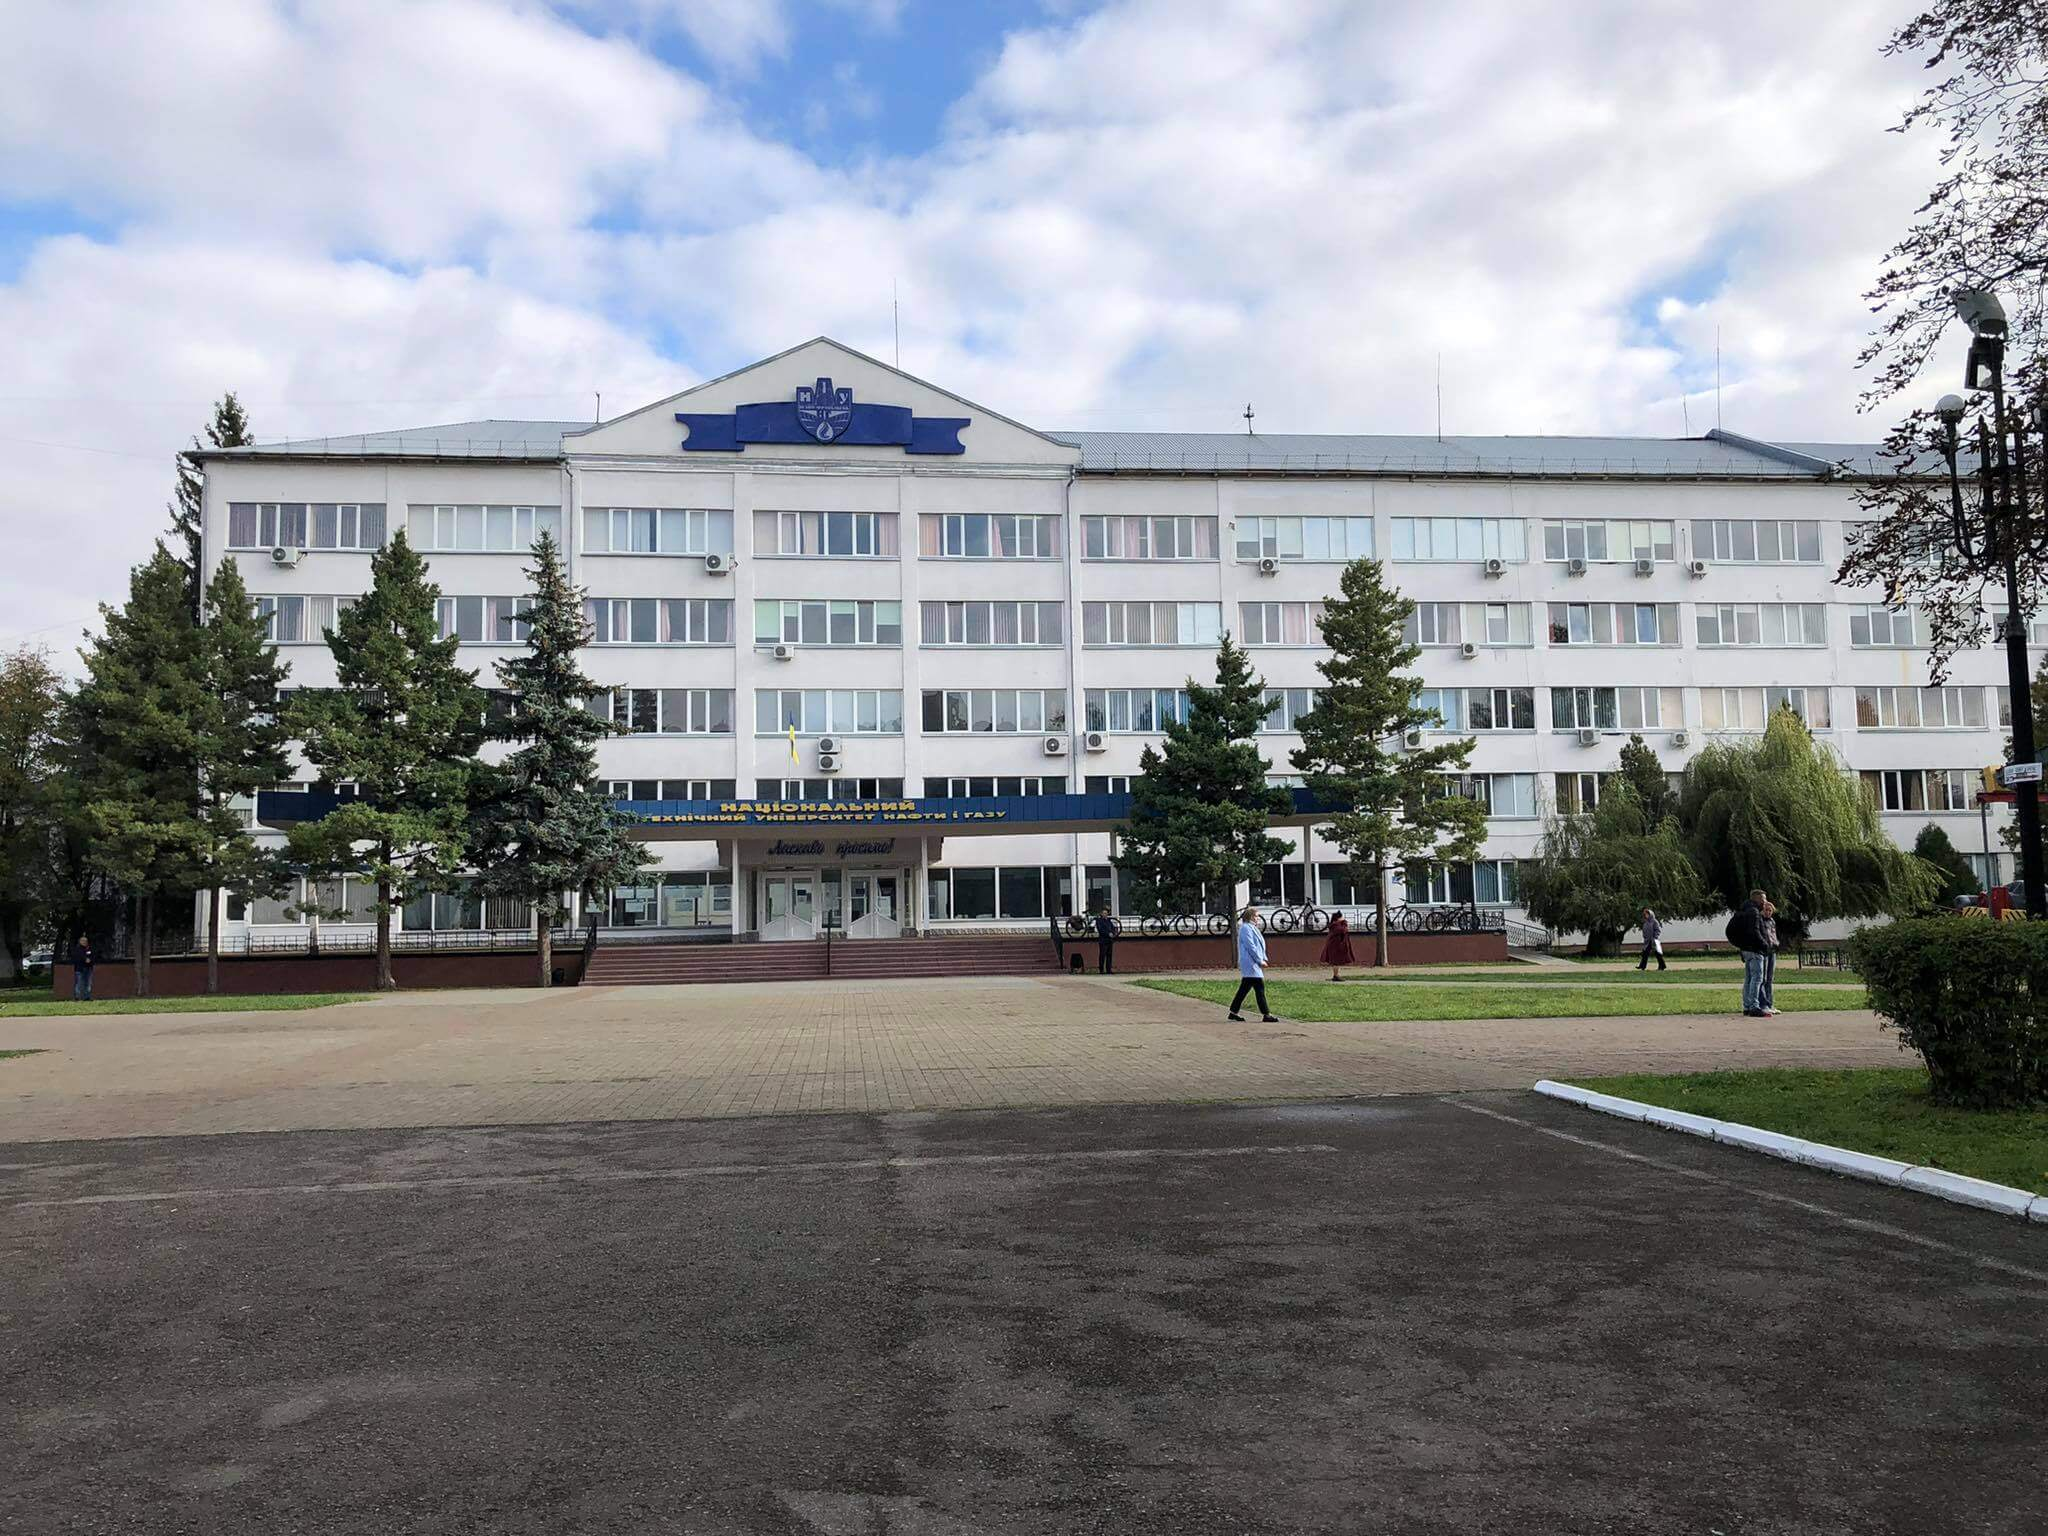 Наукова конференція та угоди про співпрацю: Університет нафти й газу святкує 54-річчя (ФОТО)